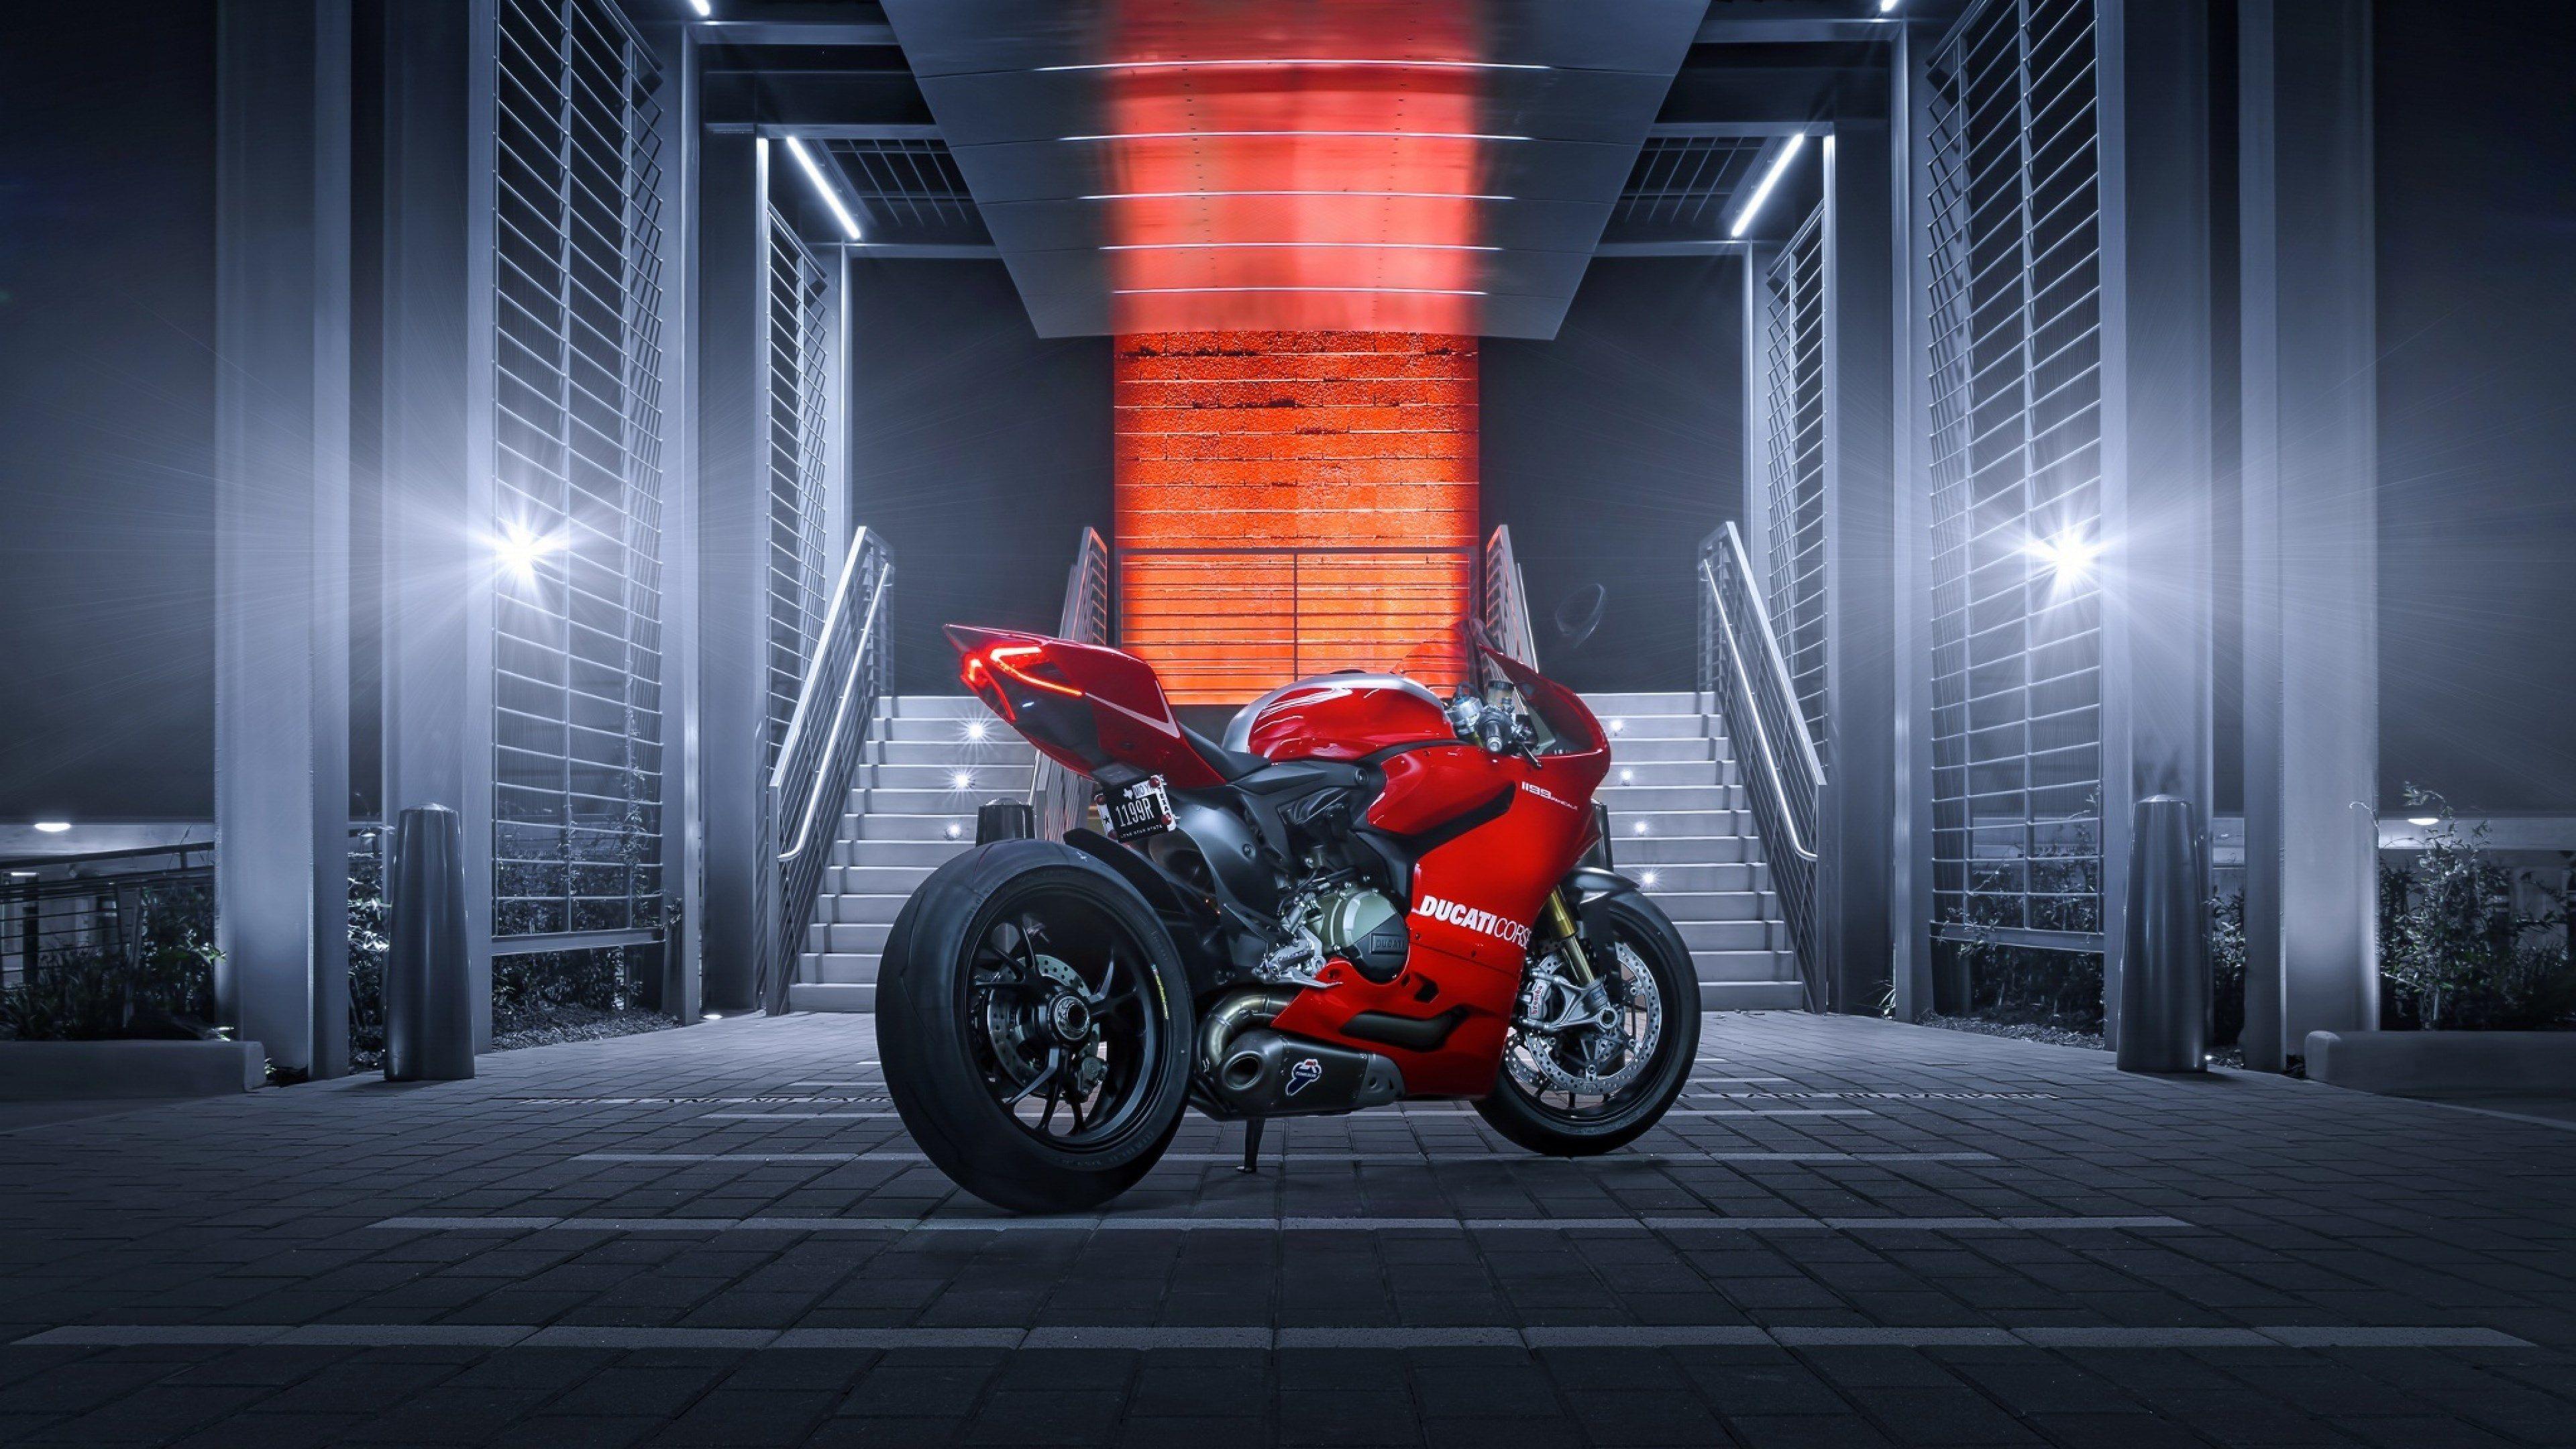 3840x2160 Ducati 4k Wallpaper For Desktop Computer Ducati Motogp Ducati Ducati 1199